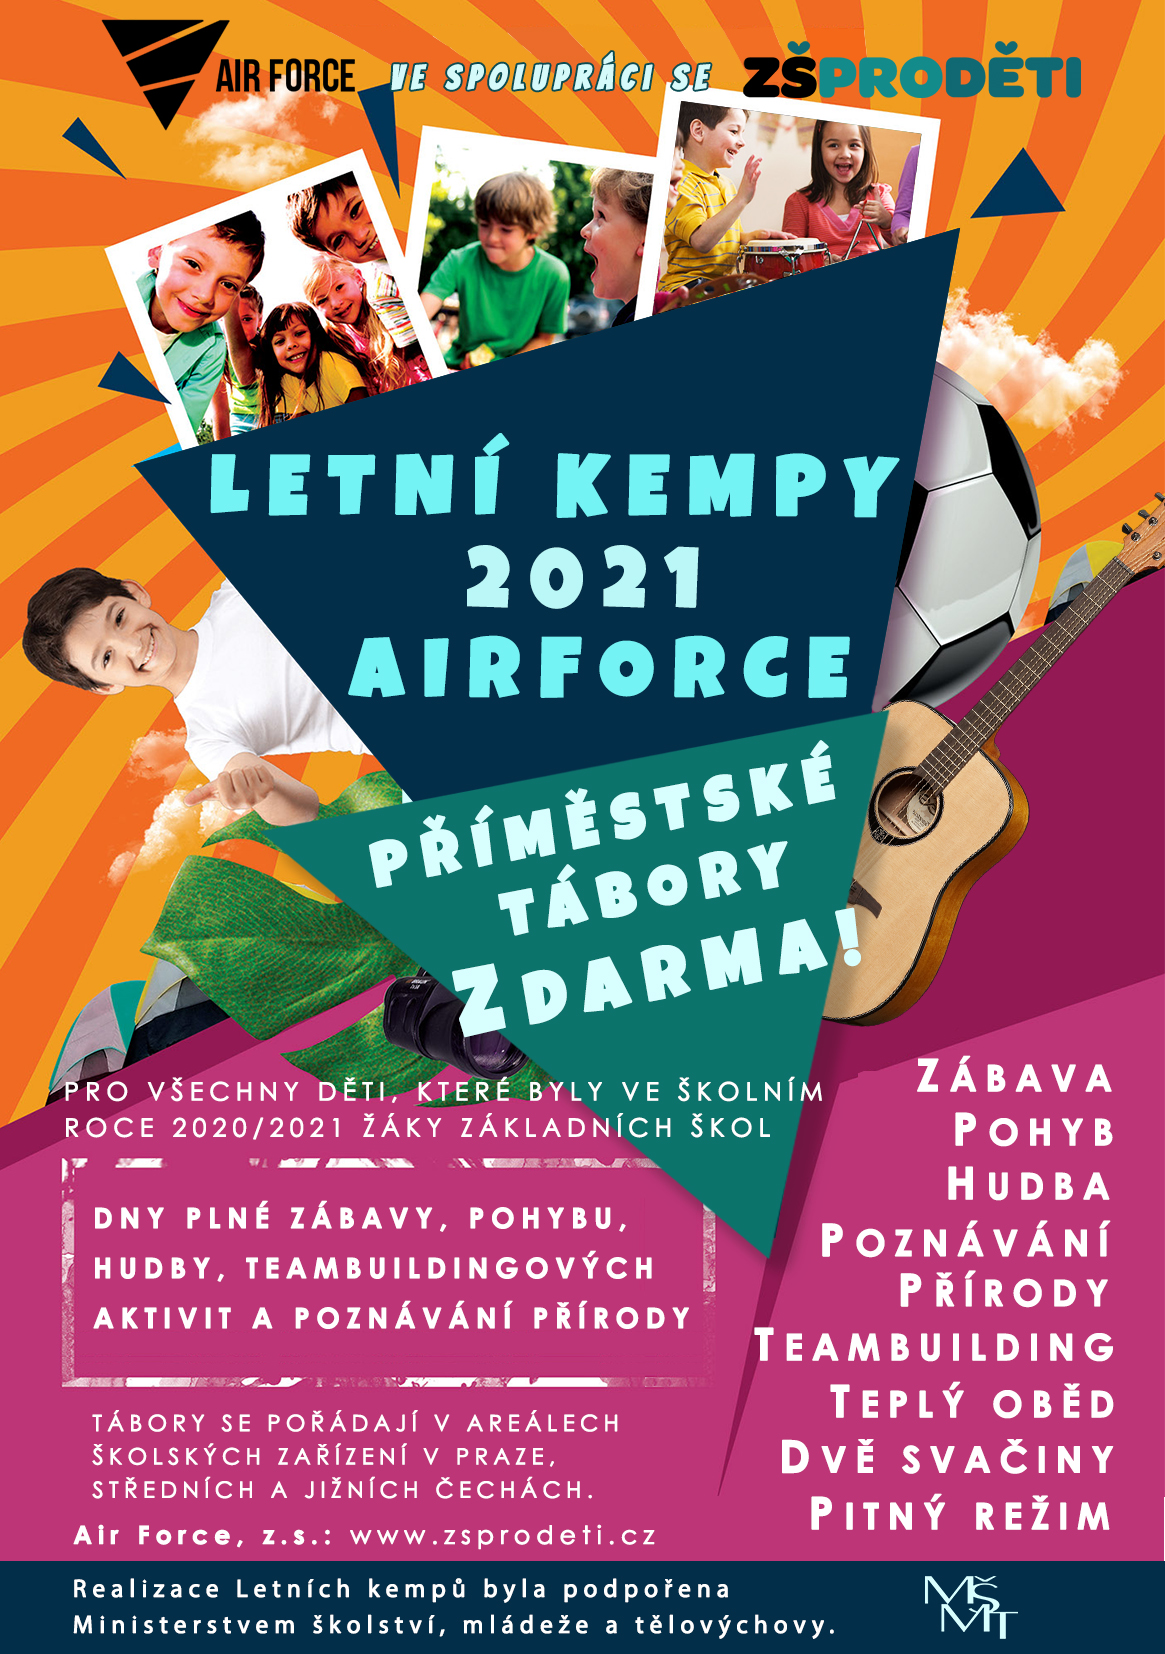 Leták letní kempy Air Force 2021 - příměstské tábory pro děti Praha - dětský tábor